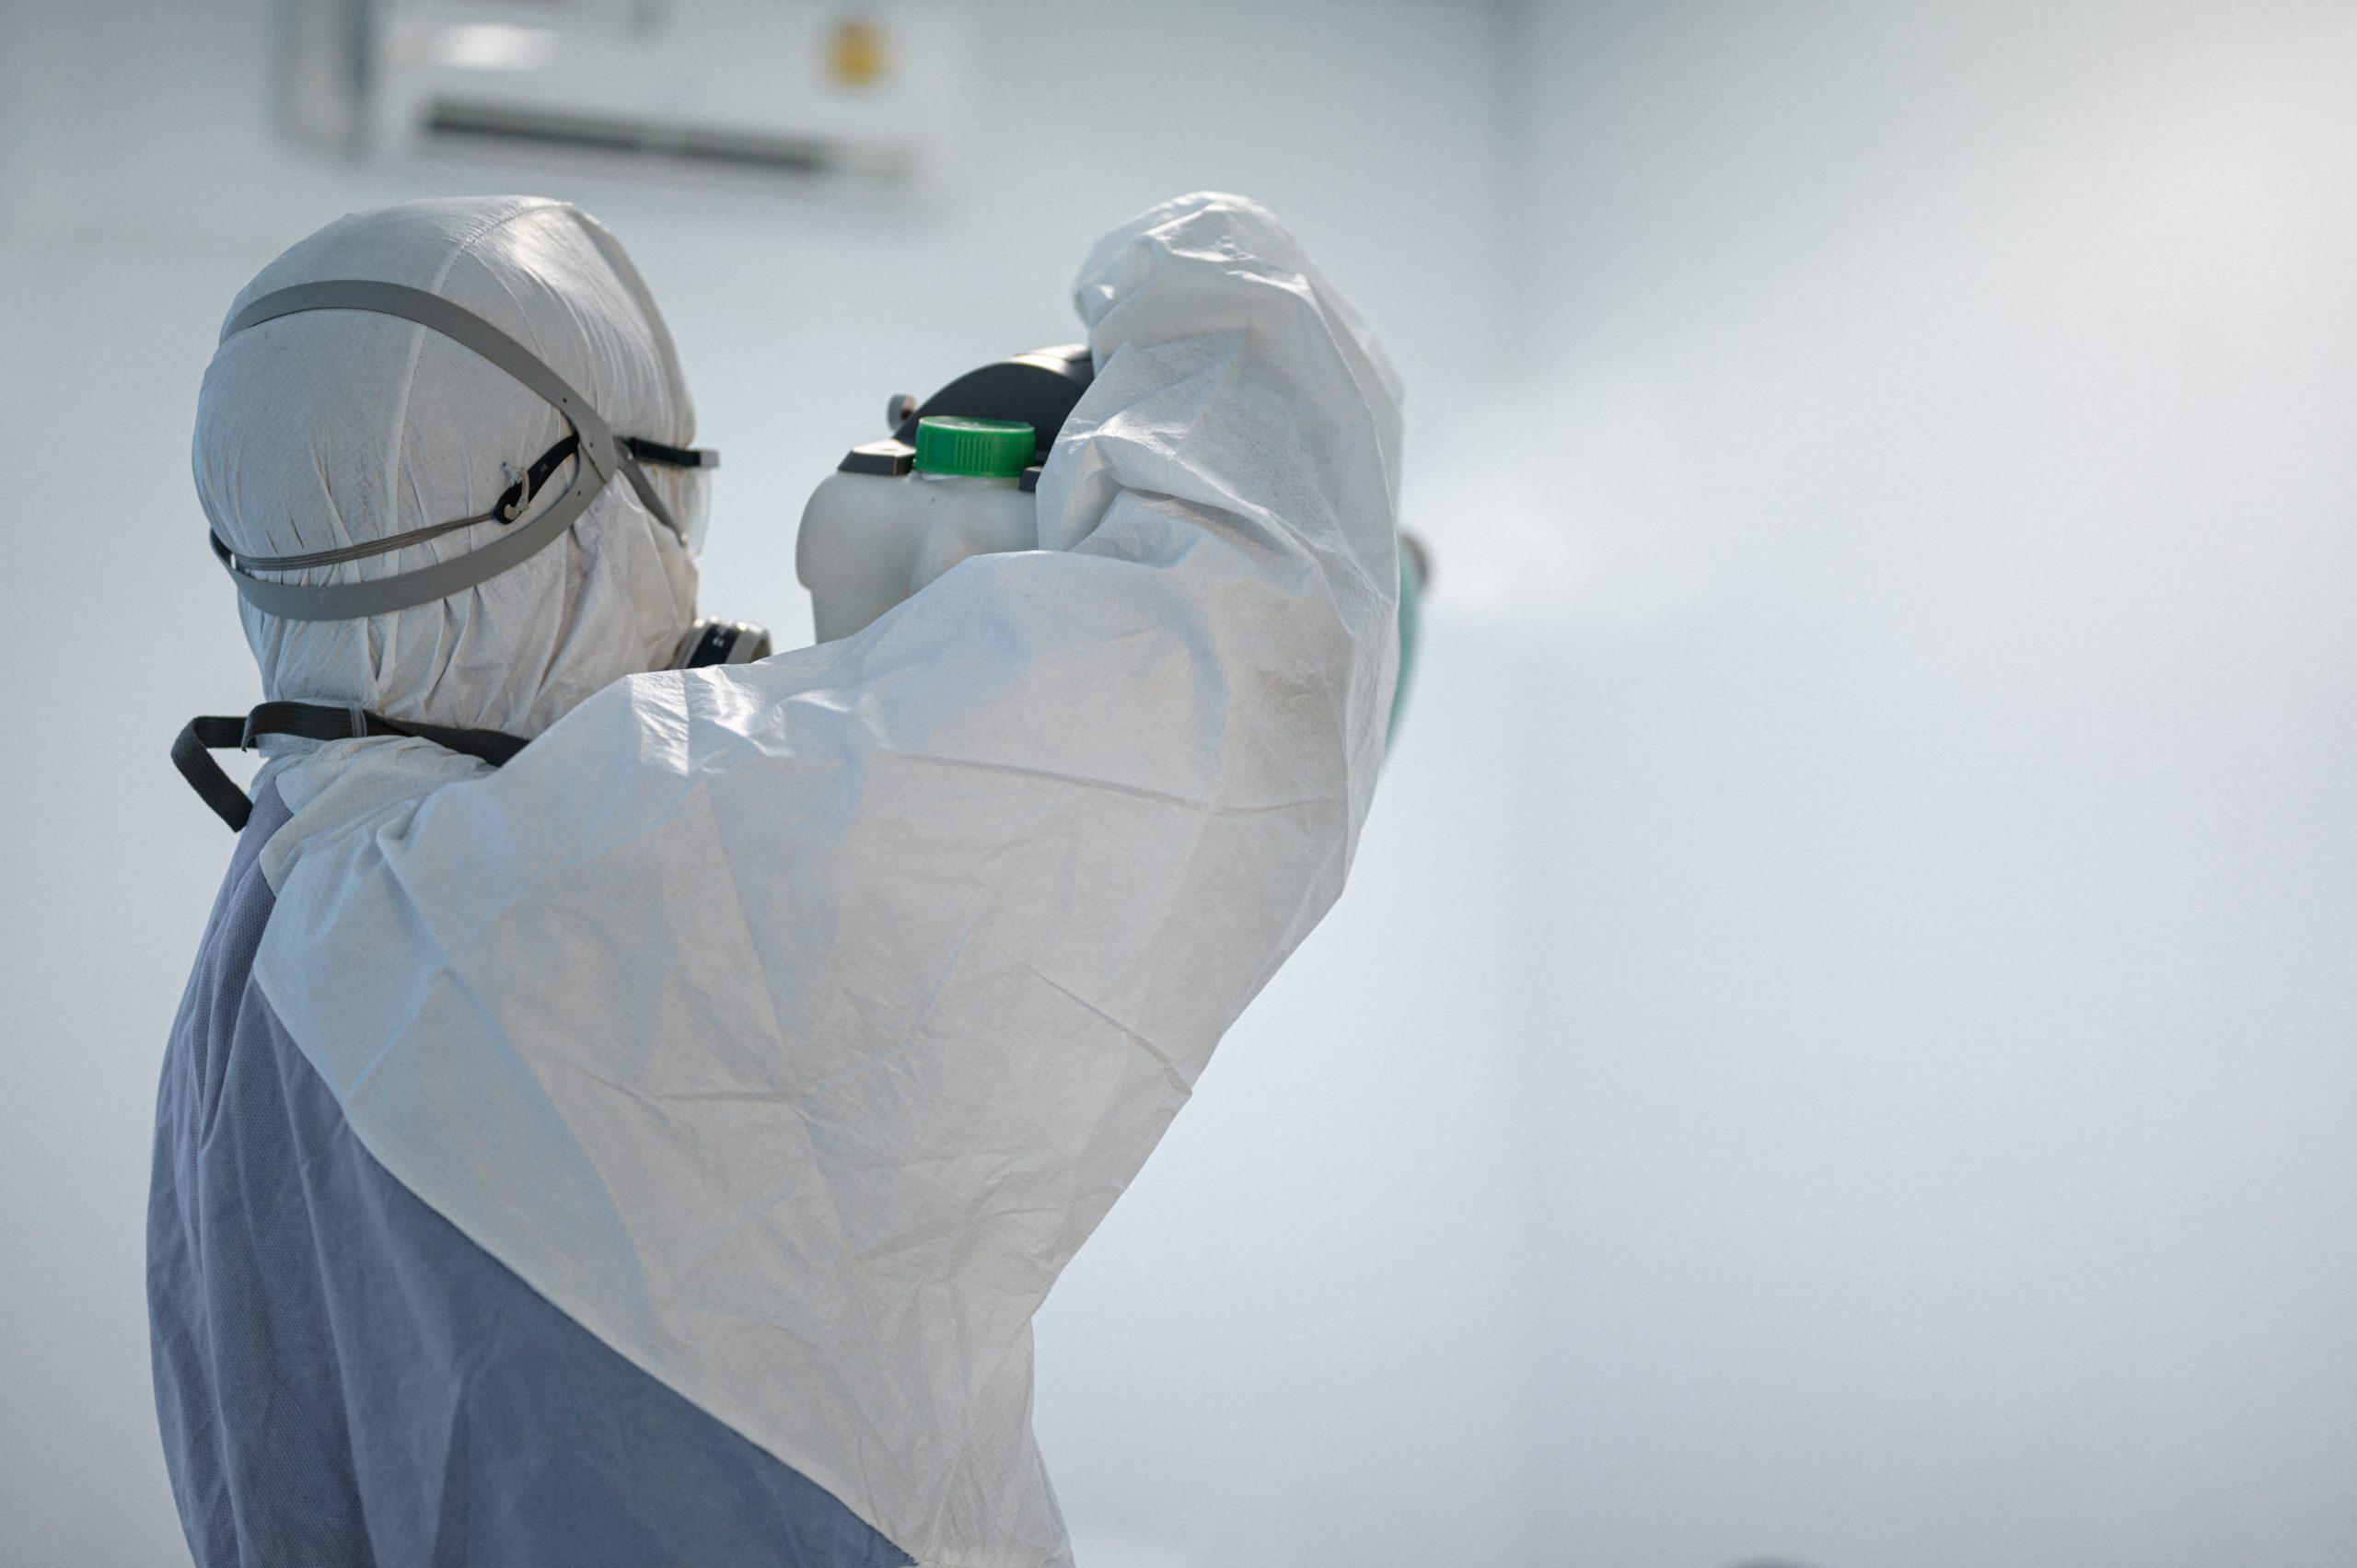 Un problème de désinfection ? Dératisation, Désinsectisation, Désinfection . Agro Sanit intervient rapidement dans le Loiret(45), en Essonne(91), en Yvelines(78)